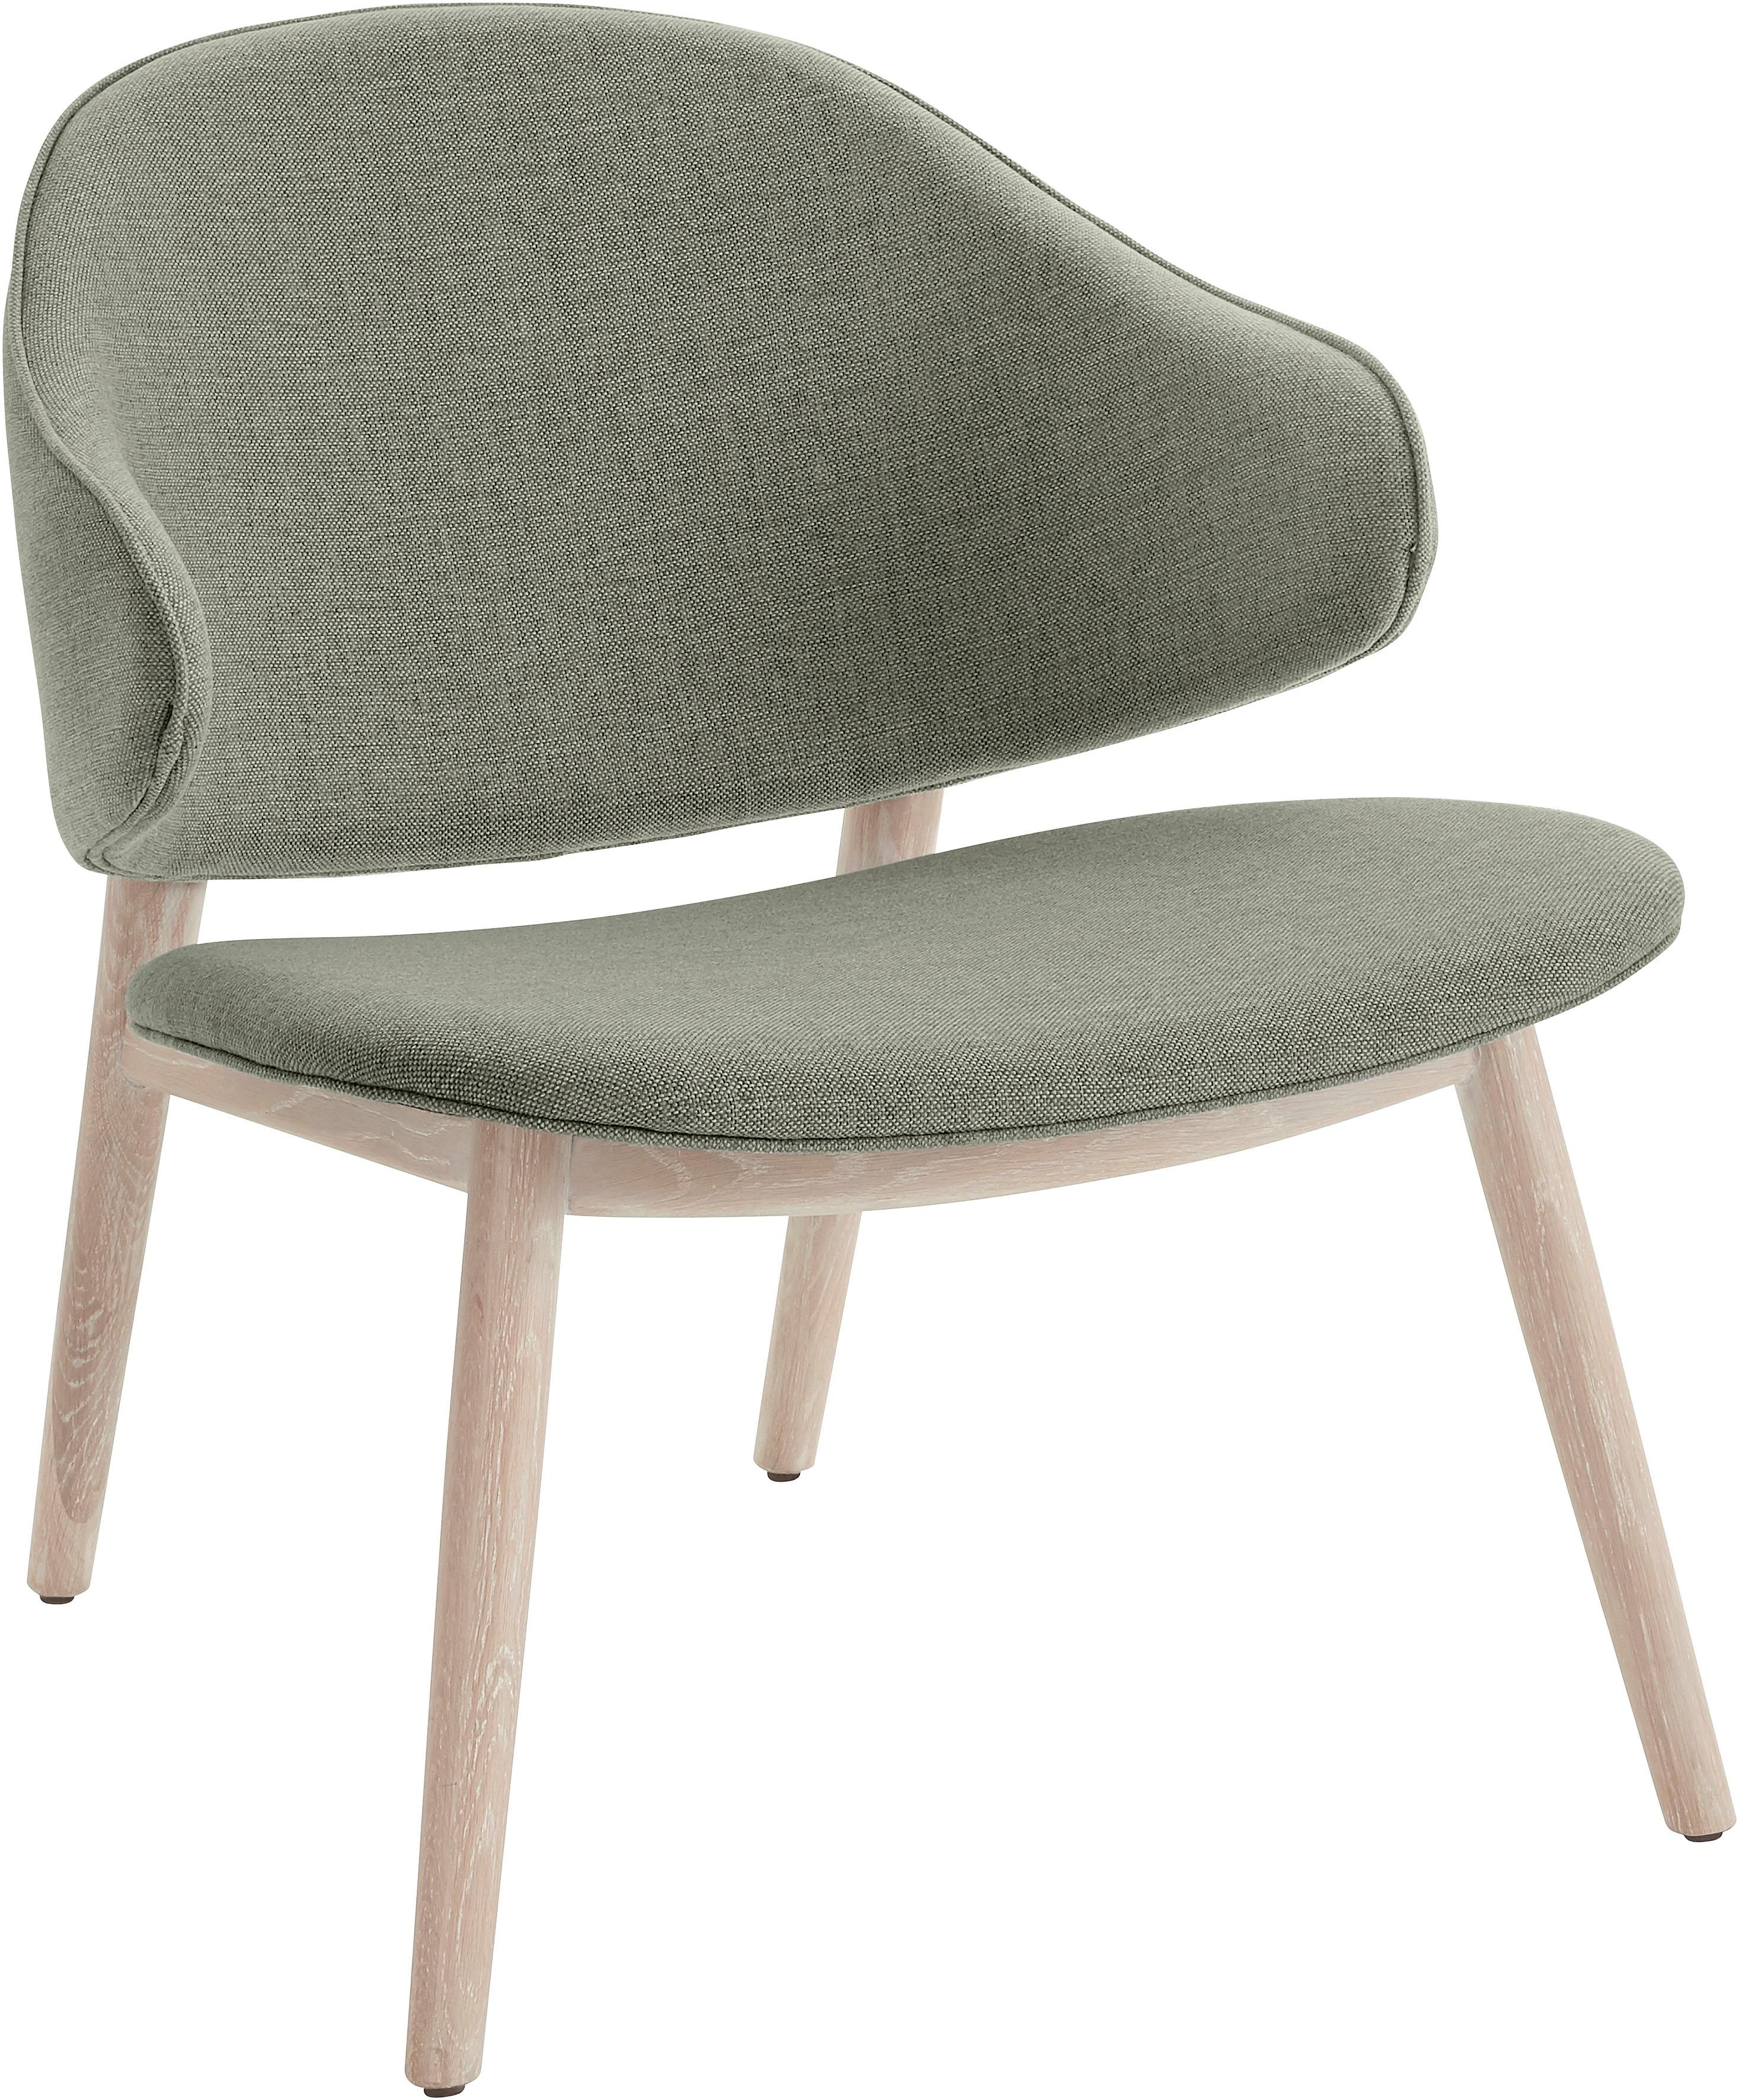 andas Sessel Sporring mit Beingestell aus massivem Eschenholz Design by Morten Georgsen